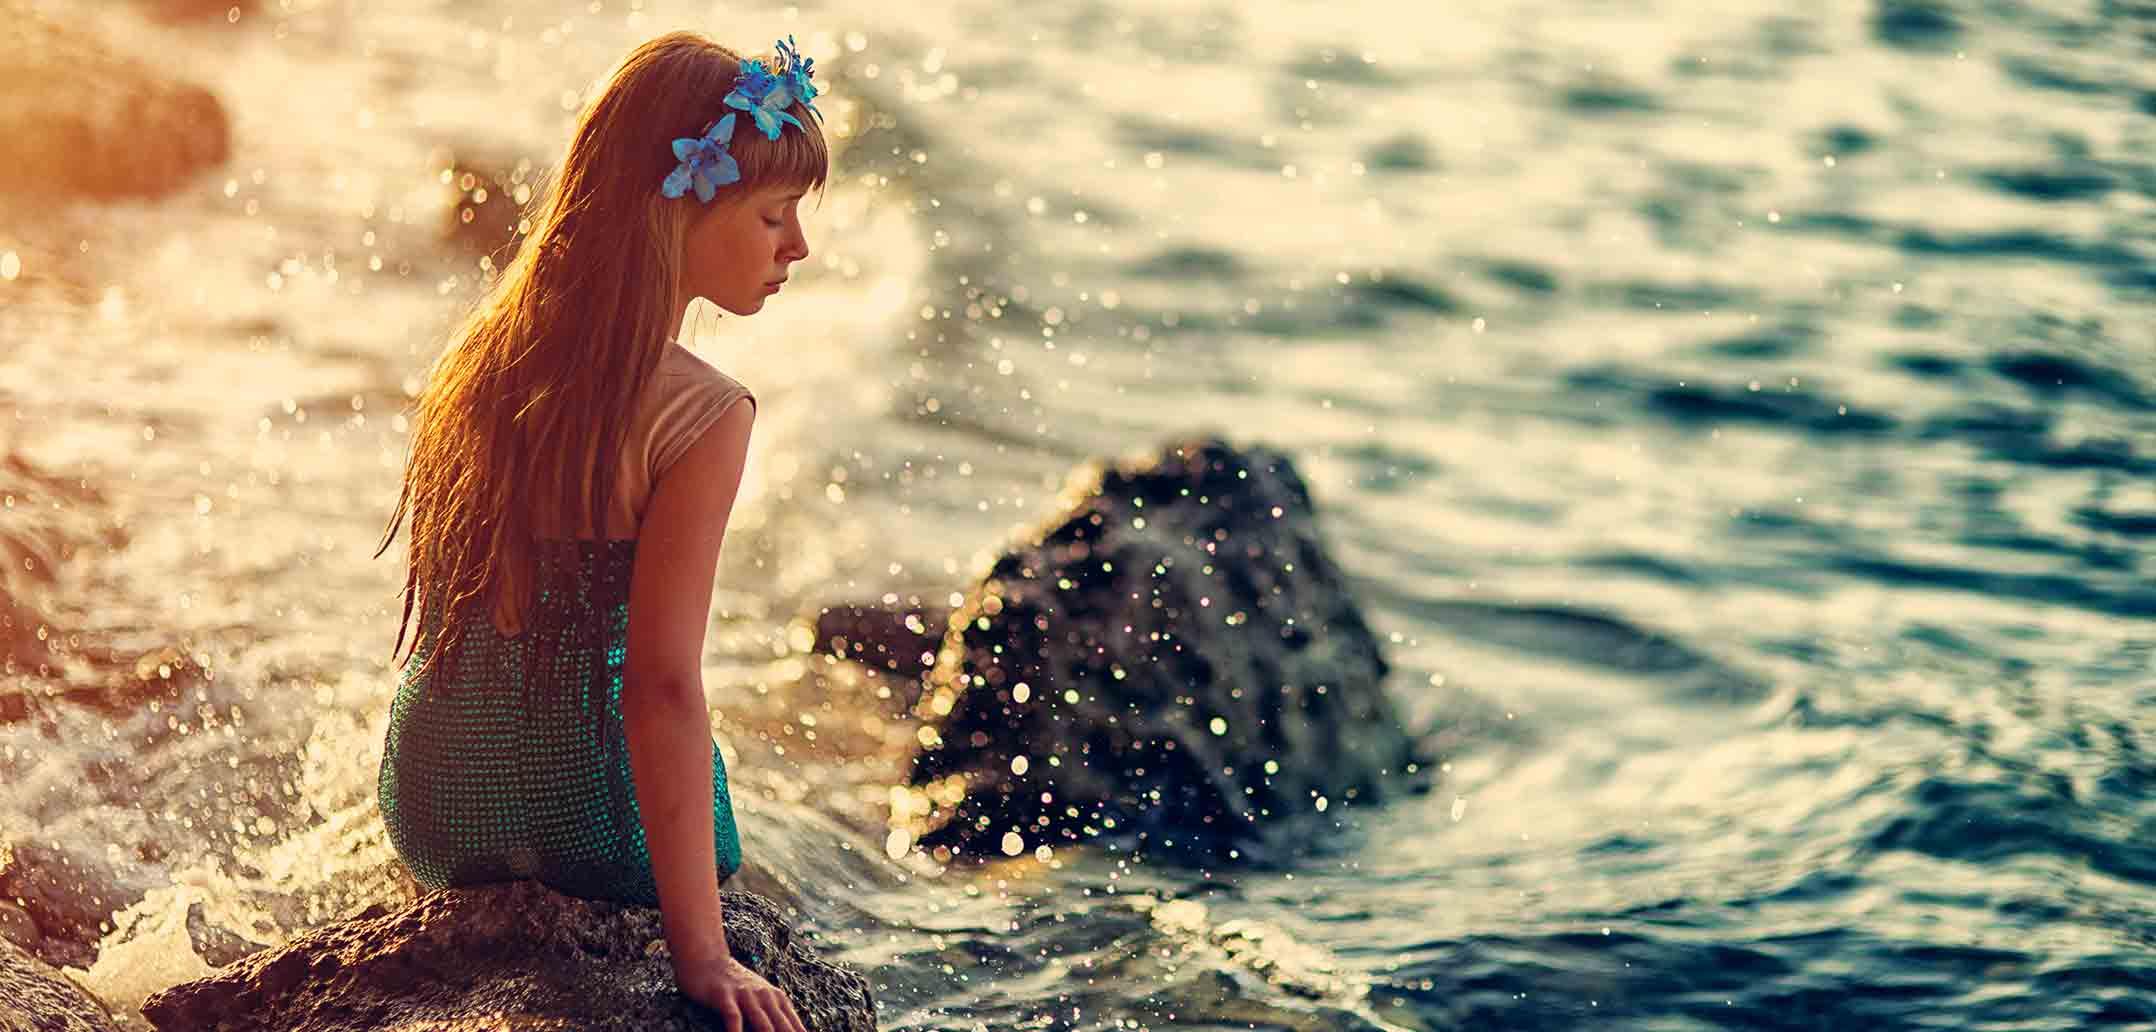 Liebe heißt loslassen können - eine Lektion der kleinen Meerjungfrau